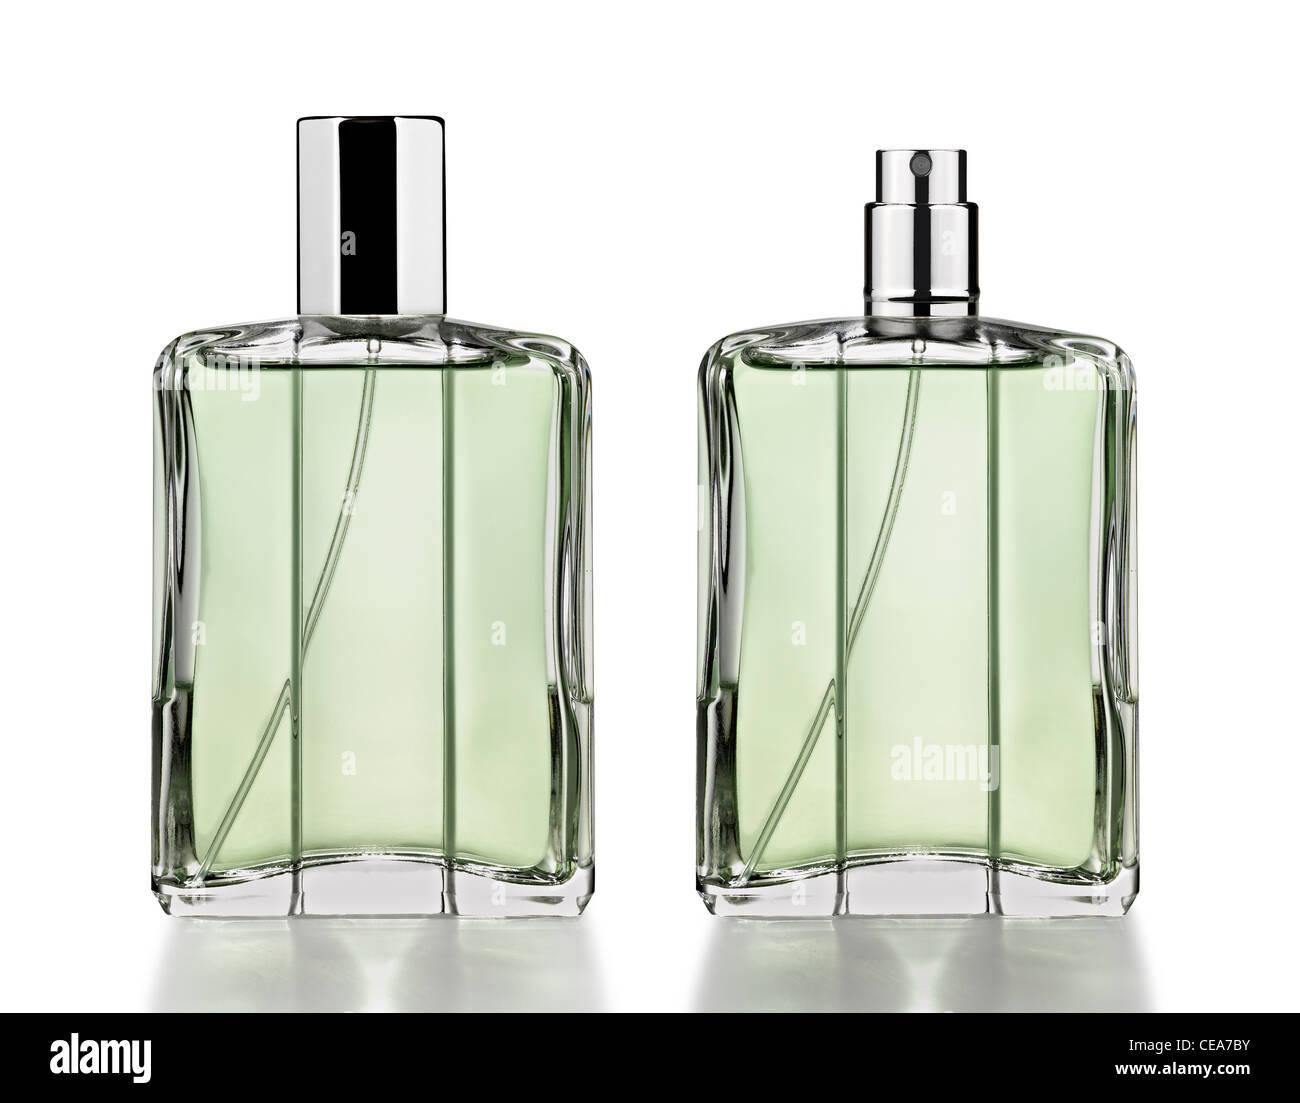 Perfume bottles isolated on white - Stock Image